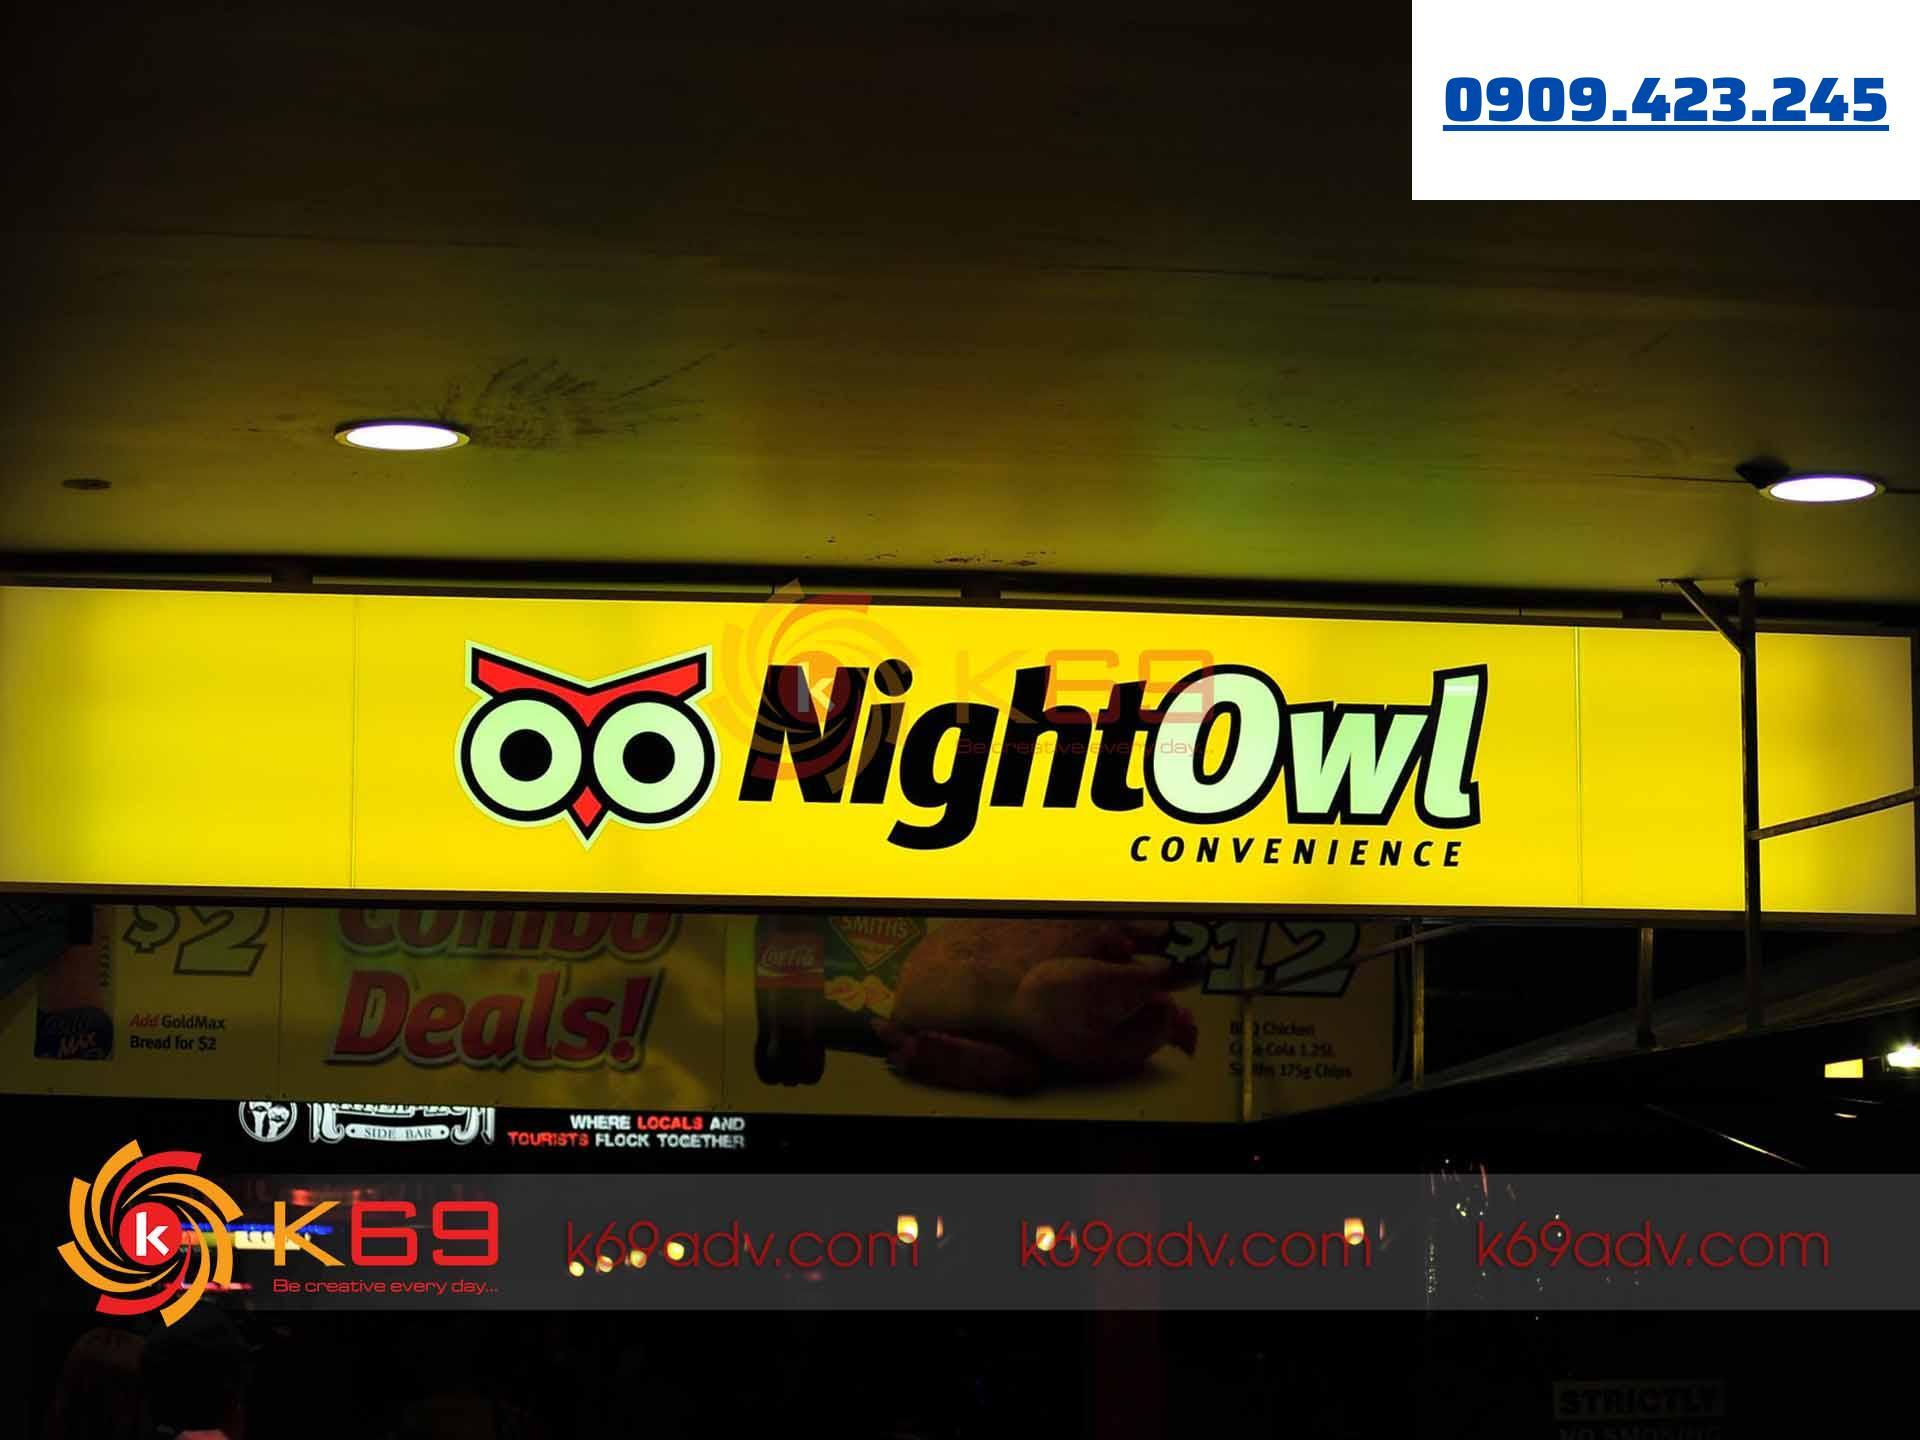 Làm bảng hiệu tại quận Phú Nhuận hộp đèn Nightowl do K69adv thi công